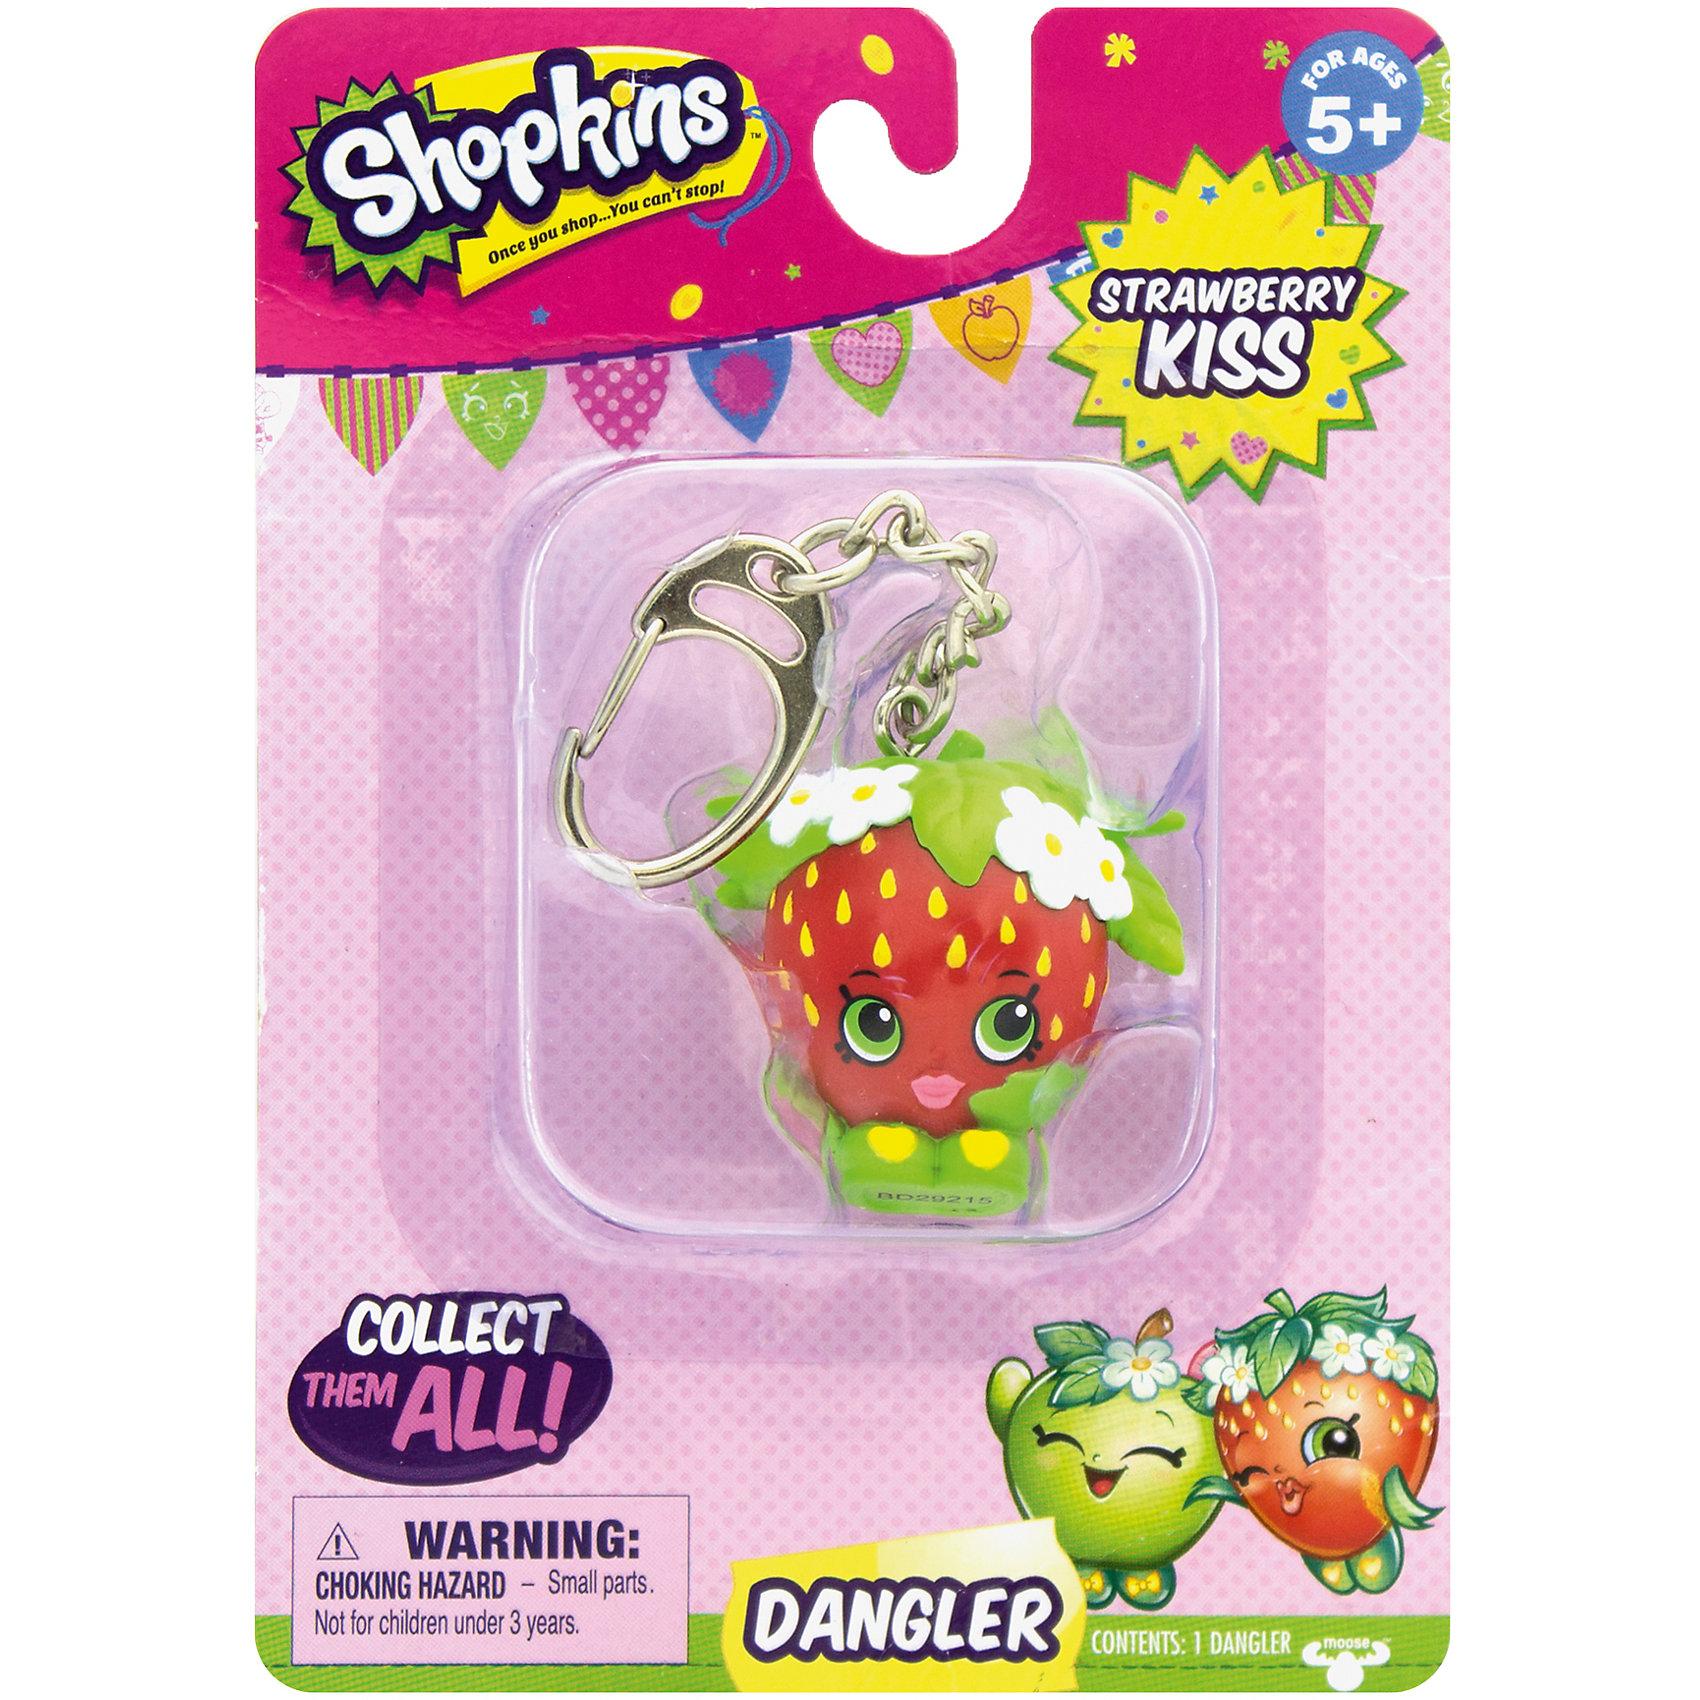 Брелок Strawberry Kiss, ShopkinsКоллекционные фигурки<br>Брелок Strawberry Kiss, Shopkins – этот яркий, модный брелок станет отличным подарком для вашей девочки.<br>Компания Shopkins специально для маленьких модниц выпустила невероятно красивые брелоки! Брелок-клубничка Strawberry Kiss ярко-красного цвета с желтыми крапинками, выполнен в виде фигурки с зелеными глазами. Стоит клубничка на зеленых башмачках, украшенных желтыми сердечками. Голова покрыта зеленым листиком с цветочками. На такой брелок девочке будет приятно повесить свои ключи, также его можно просто повесить на рюкзак и он будет радовать ее своим видом. Брелок выполнен из безопасного для детей материала.<br><br>Дополнительная информация:<br><br>- Вид замка: карабин<br>- Материал: пластмасса, металл<br>- Размер упаковки: 10,8 ? 3,8 ? 15,2 см.<br><br>Брелок Strawberry Kiss, Shopkins можно купить в нашем интернет-магазине.<br><br>Ширина мм: 108<br>Глубина мм: 38<br>Высота мм: 153<br>Вес г: 50<br>Возраст от месяцев: 60<br>Возраст до месяцев: 192<br>Пол: Женский<br>Возраст: Детский<br>SKU: 4756893